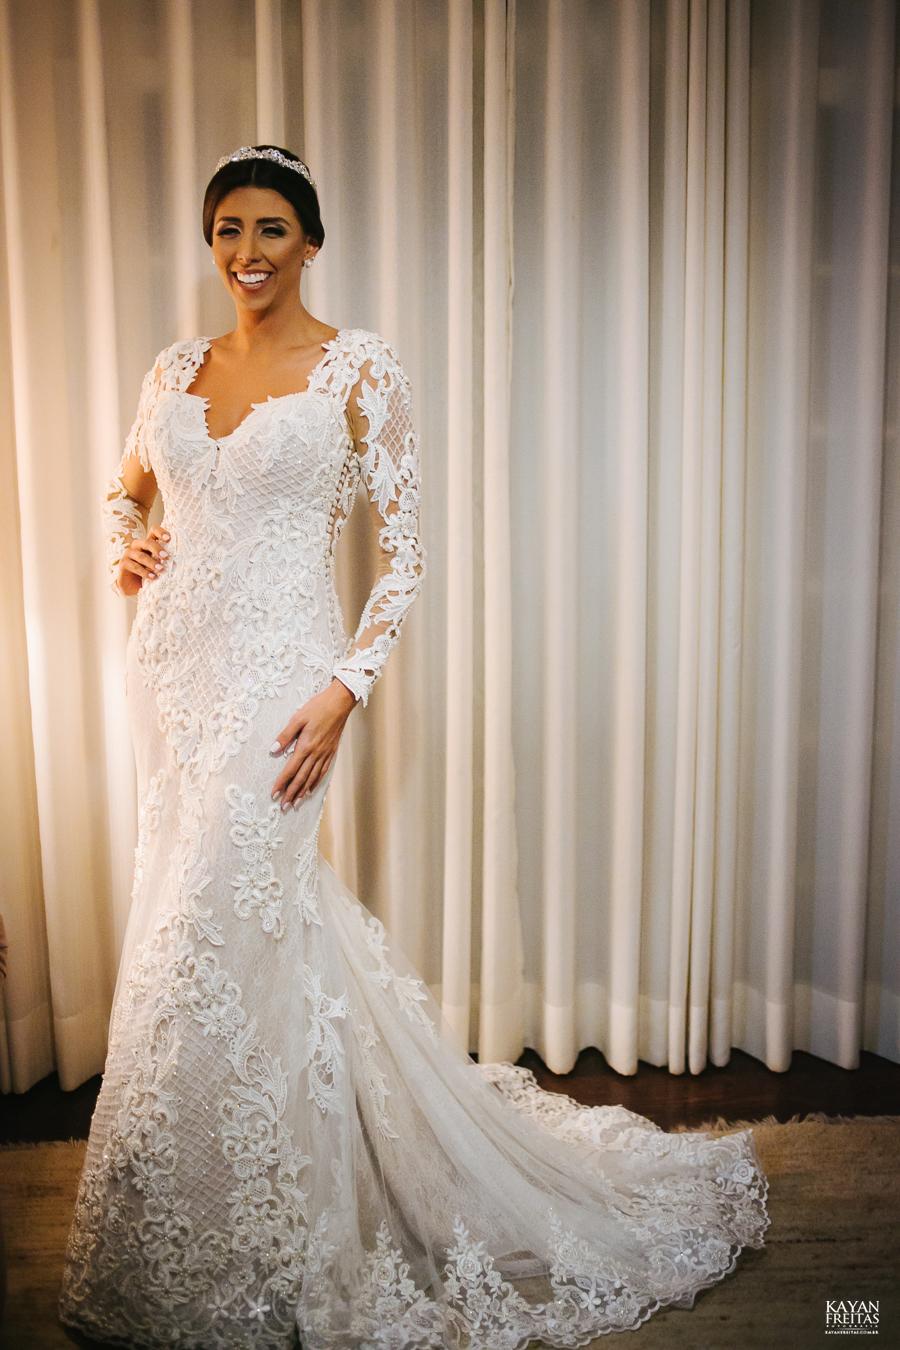 casamento-alamedacasarosa-0045 Casamento Bruna e Renê - Alameda Casa Rosa